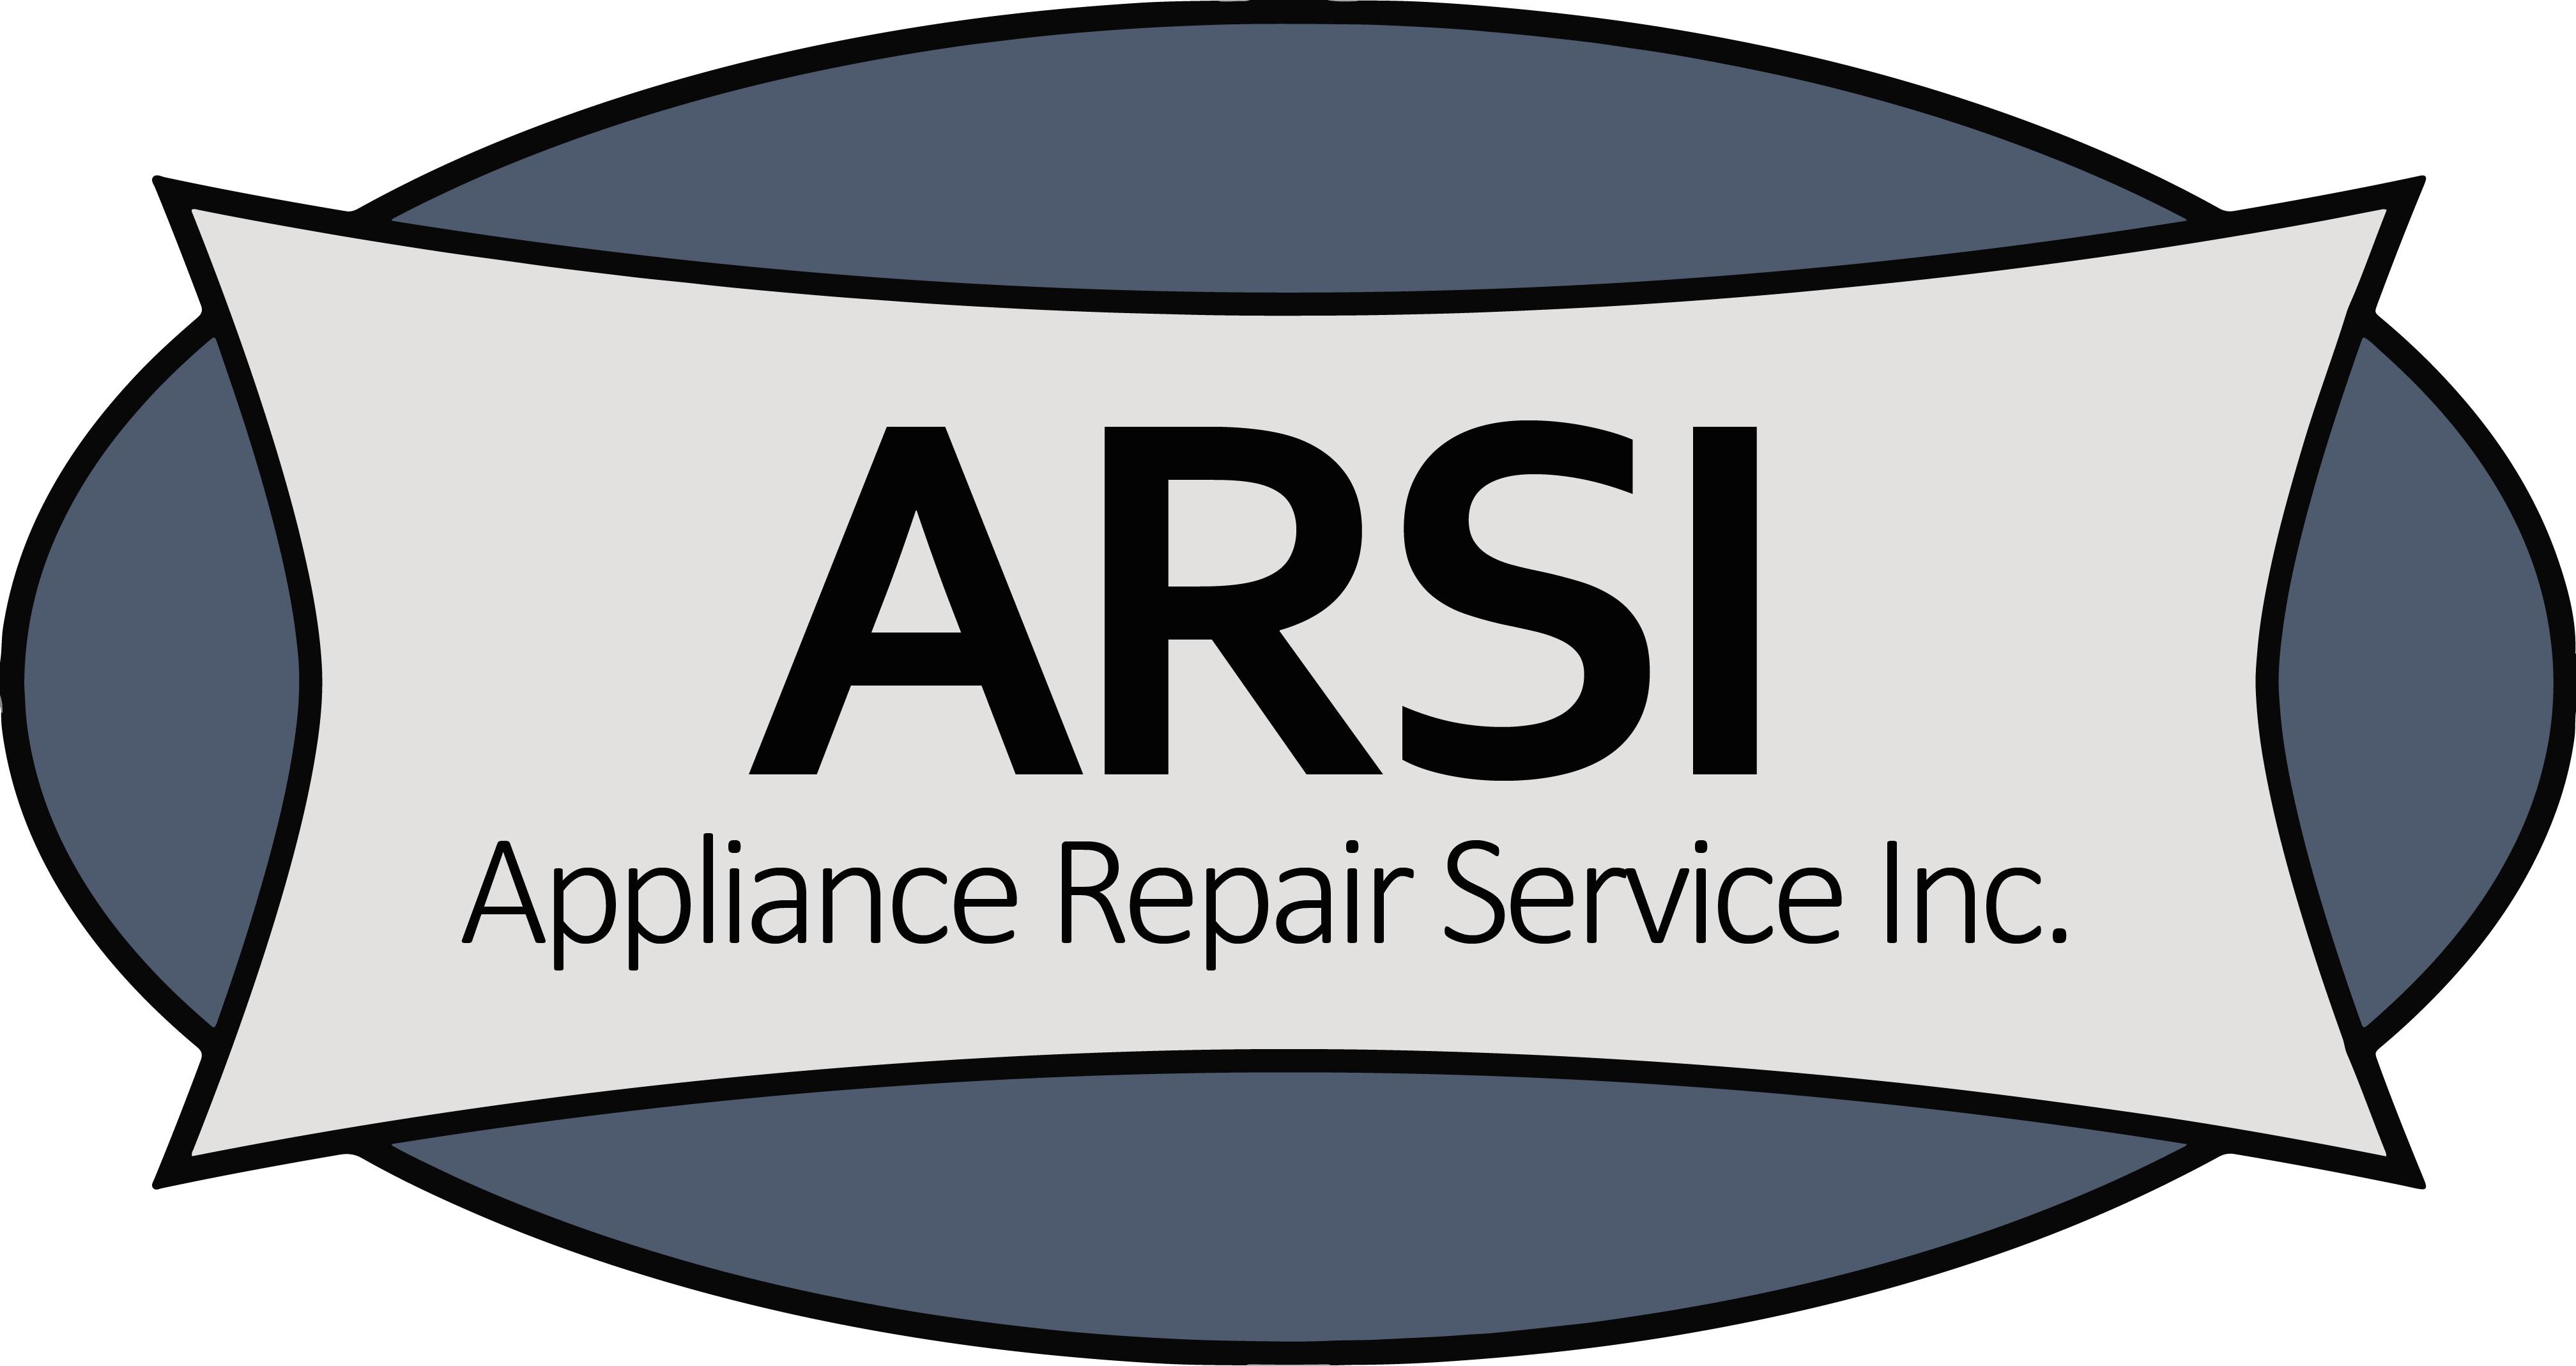 Appliance Repair Service Inc.